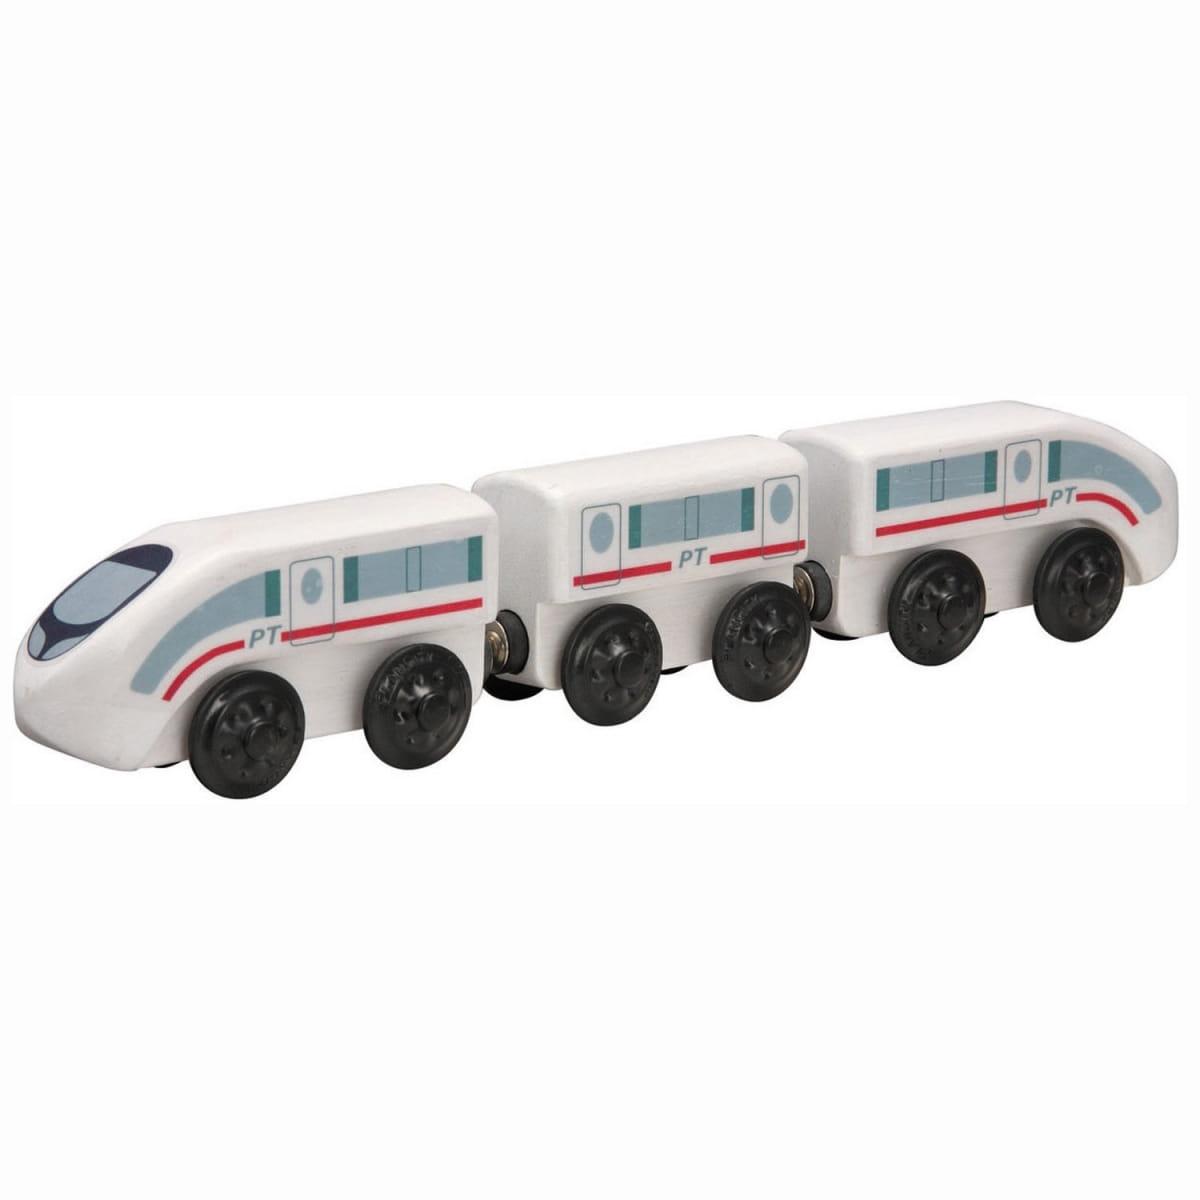 Игровой набор Plan Toys 6035 Экспресс поезд